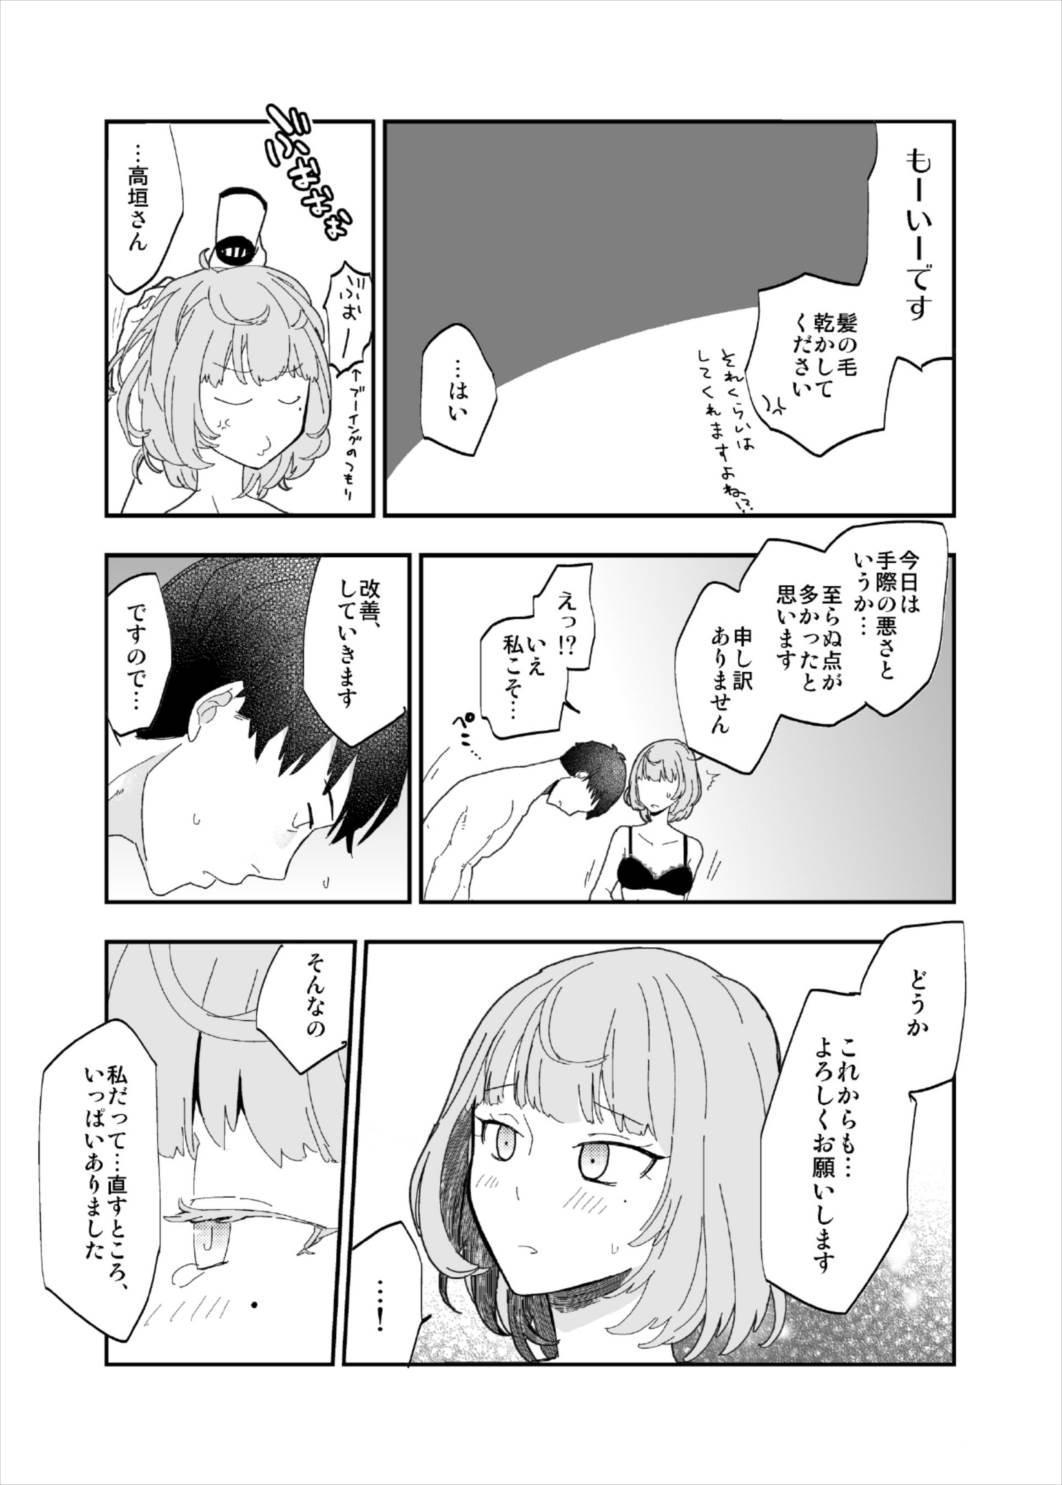 Takeuchi P to Takagaki Kaede-san ga Hatsu H de Mechakucha Ichaicha Suru Hon 27